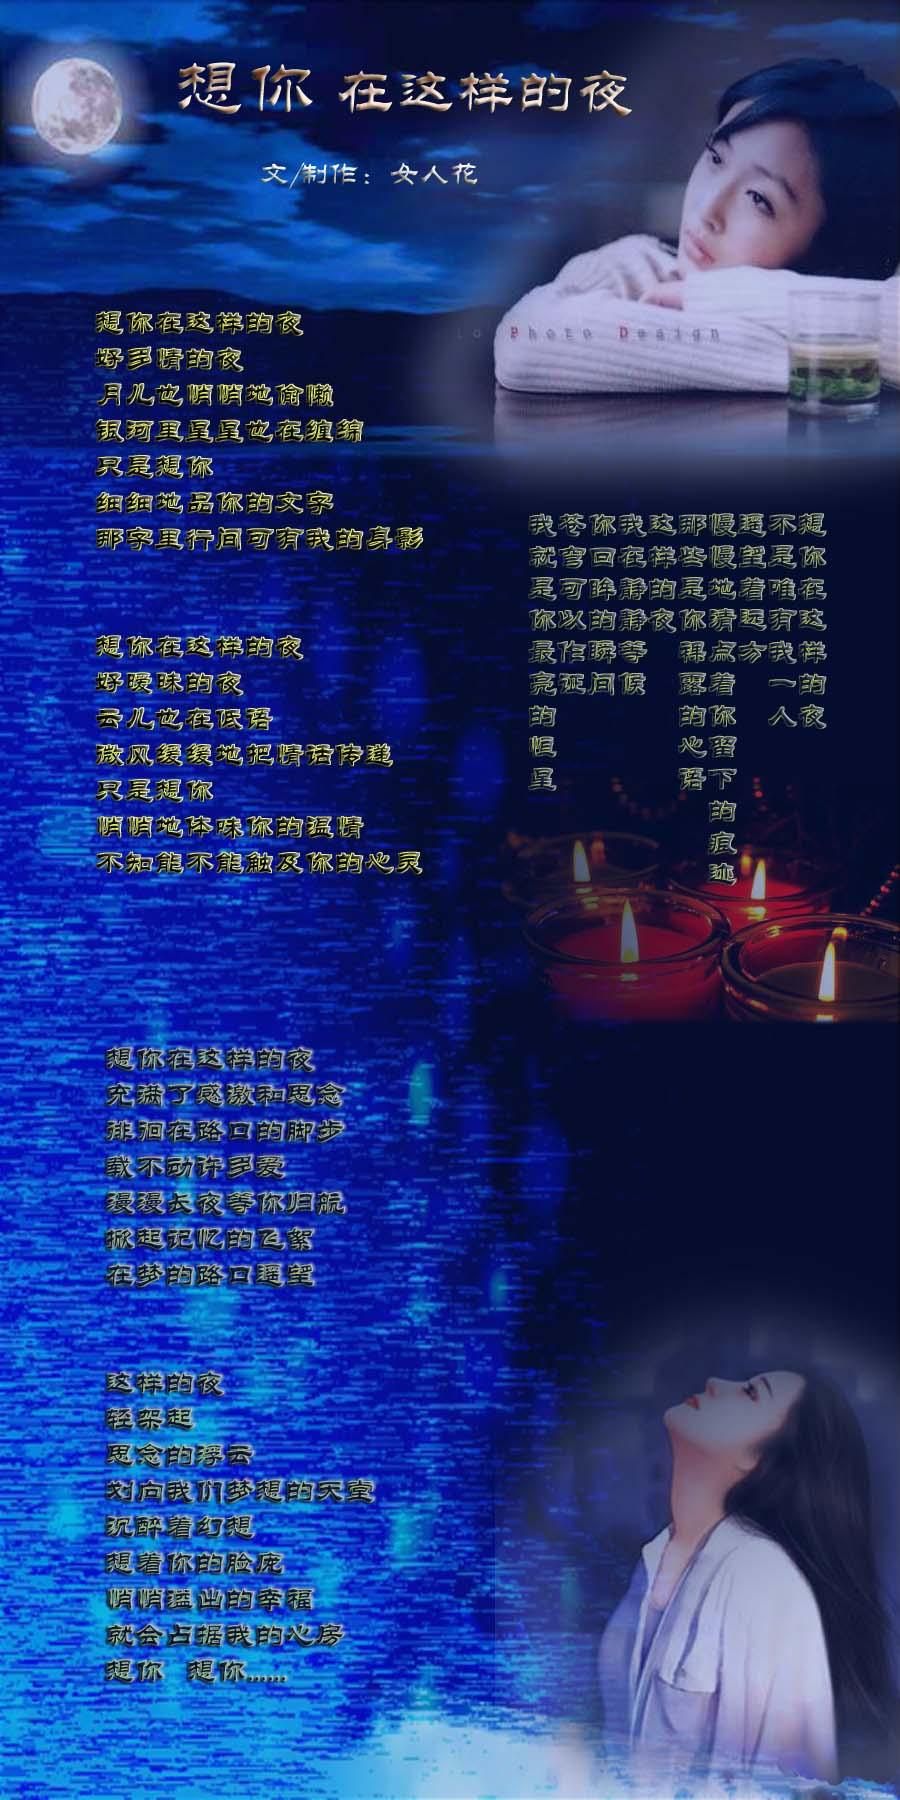 诗情画意:(619)想你在这样的夜 - 流星客 - 流星客随笔